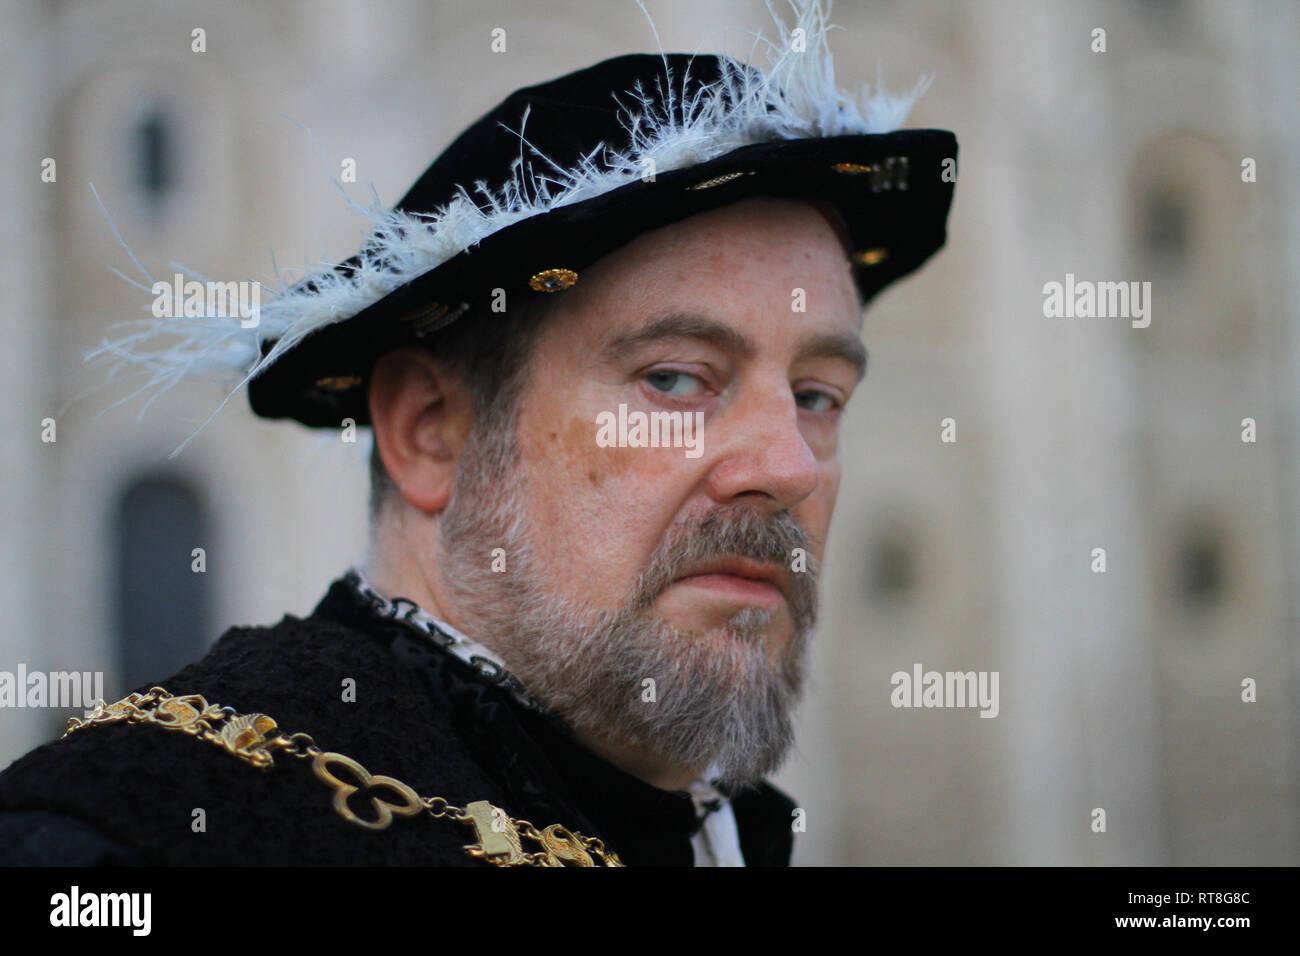 Porträt eines modernen Henry VIII tragen authentische Tudor Kleid im Tower von London - er ist alt und hat eine ergrauten Bart und sieht furchtsam Stockbild